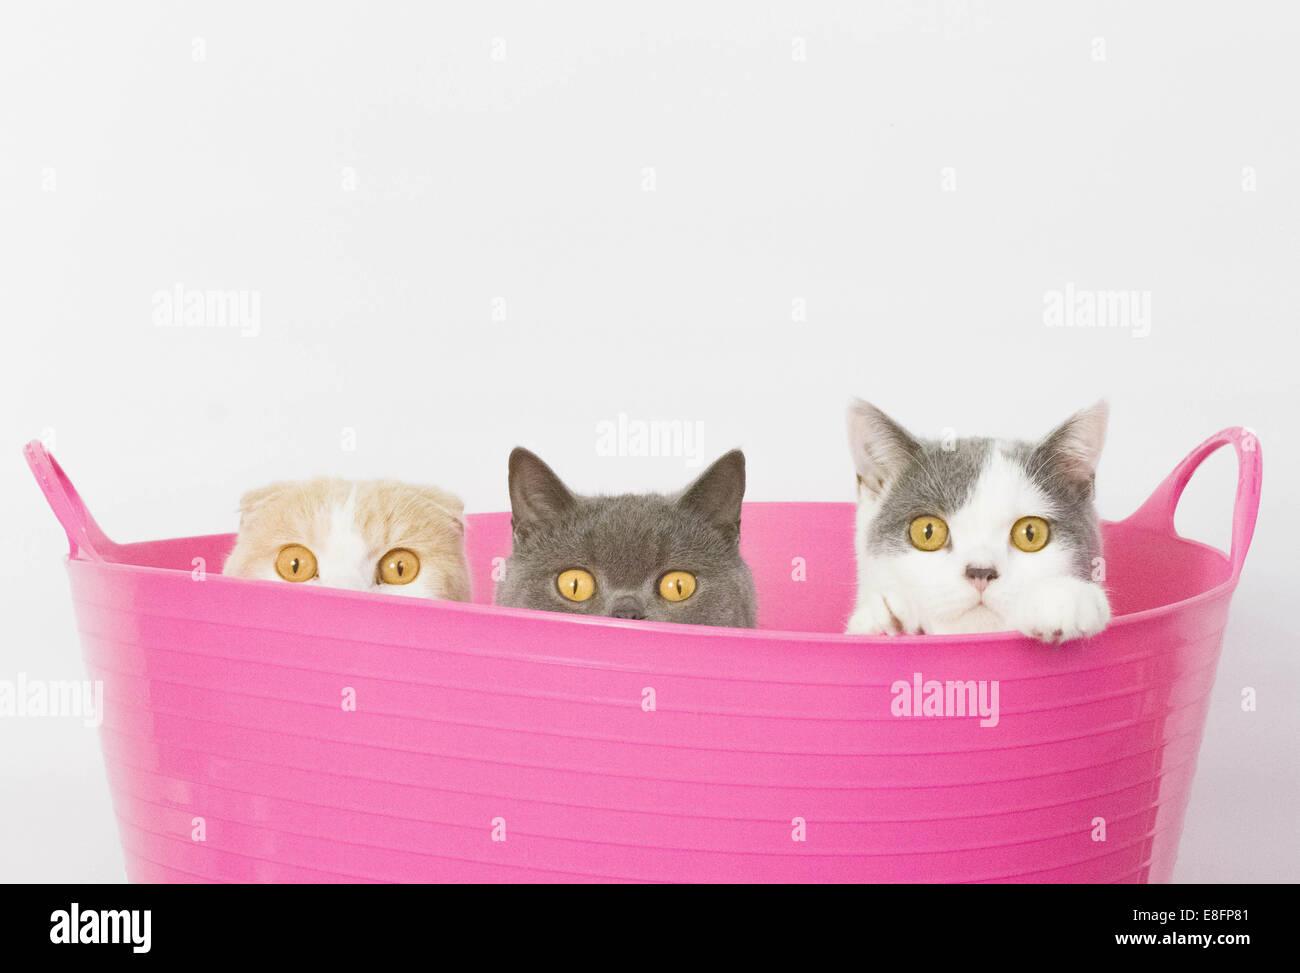 Drei Katzen sitzen in rosa Eimer Stockbild